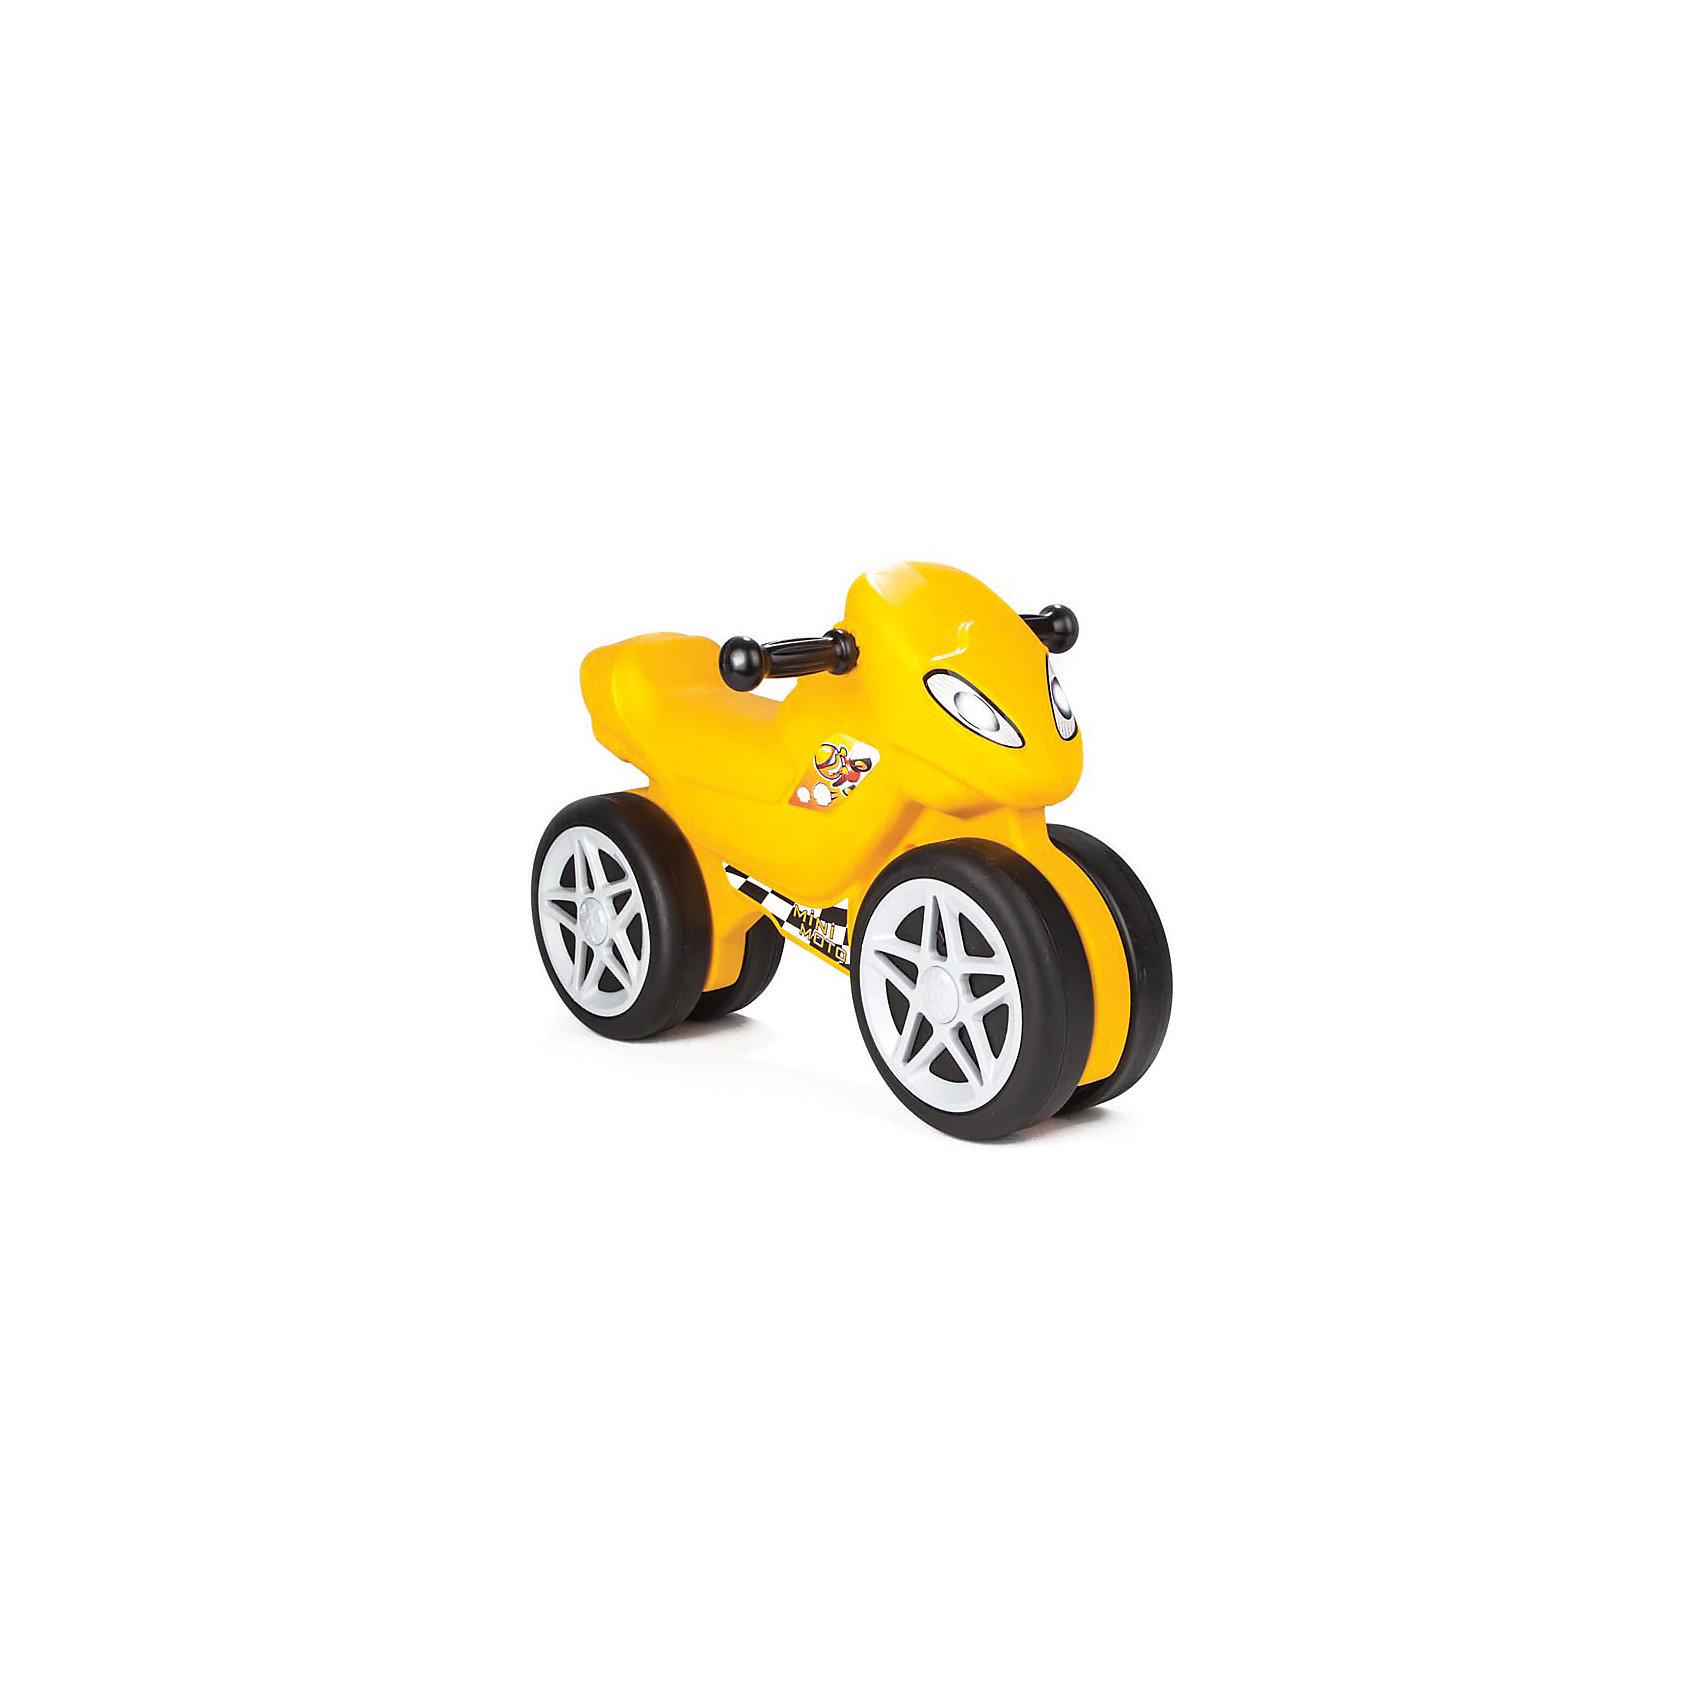 Каталка Мотоцикл MINI MOTO в подарочной коробке (в ассортименте), PILSANМашинки-каталки<br>Каталка Мотоцикл MINI MOTO в подарочной коробке (в ассортименте), PILSAN (Пилсан)<br><br>Характеристики:<br><br>• удобное сиденье <br>• 6 мелодий<br>• устойчивые колеса<br>• развивает координацию и опорно-двигательный аппарат<br>• материал: пластик<br>• максимальная нагрузка: 50 кг<br>• размер упаковки: 42х66х15см<br>• вес: 2,45 кг<br><br>Маленькая каталка в виде мотоцикла никого не оставит равнодушным! Привлекательный дизайн, звуковые мелодии и яркая расцветка придутся по вкусу юным гонщикам. Устойчивые колеса хорошо едут по неровным поверхностям. Вы сможете использовать каталку дома или взять ее на прогулку. Изделие выполнено из прочного безопасного пластика.<br><br>Каталку Мотоцикл MINI MOTO в подарочной коробке (в ассортименте), PILSAN (Пилсан) можно купить в нашем интернет-магазине.<br><br>Ширина мм: 150<br>Глубина мм: 660<br>Высота мм: 420<br>Вес г: 2450<br>Возраст от месяцев: 36<br>Возраст до месяцев: 84<br>Пол: Унисекс<br>Возраст: Детский<br>SKU: 5512046